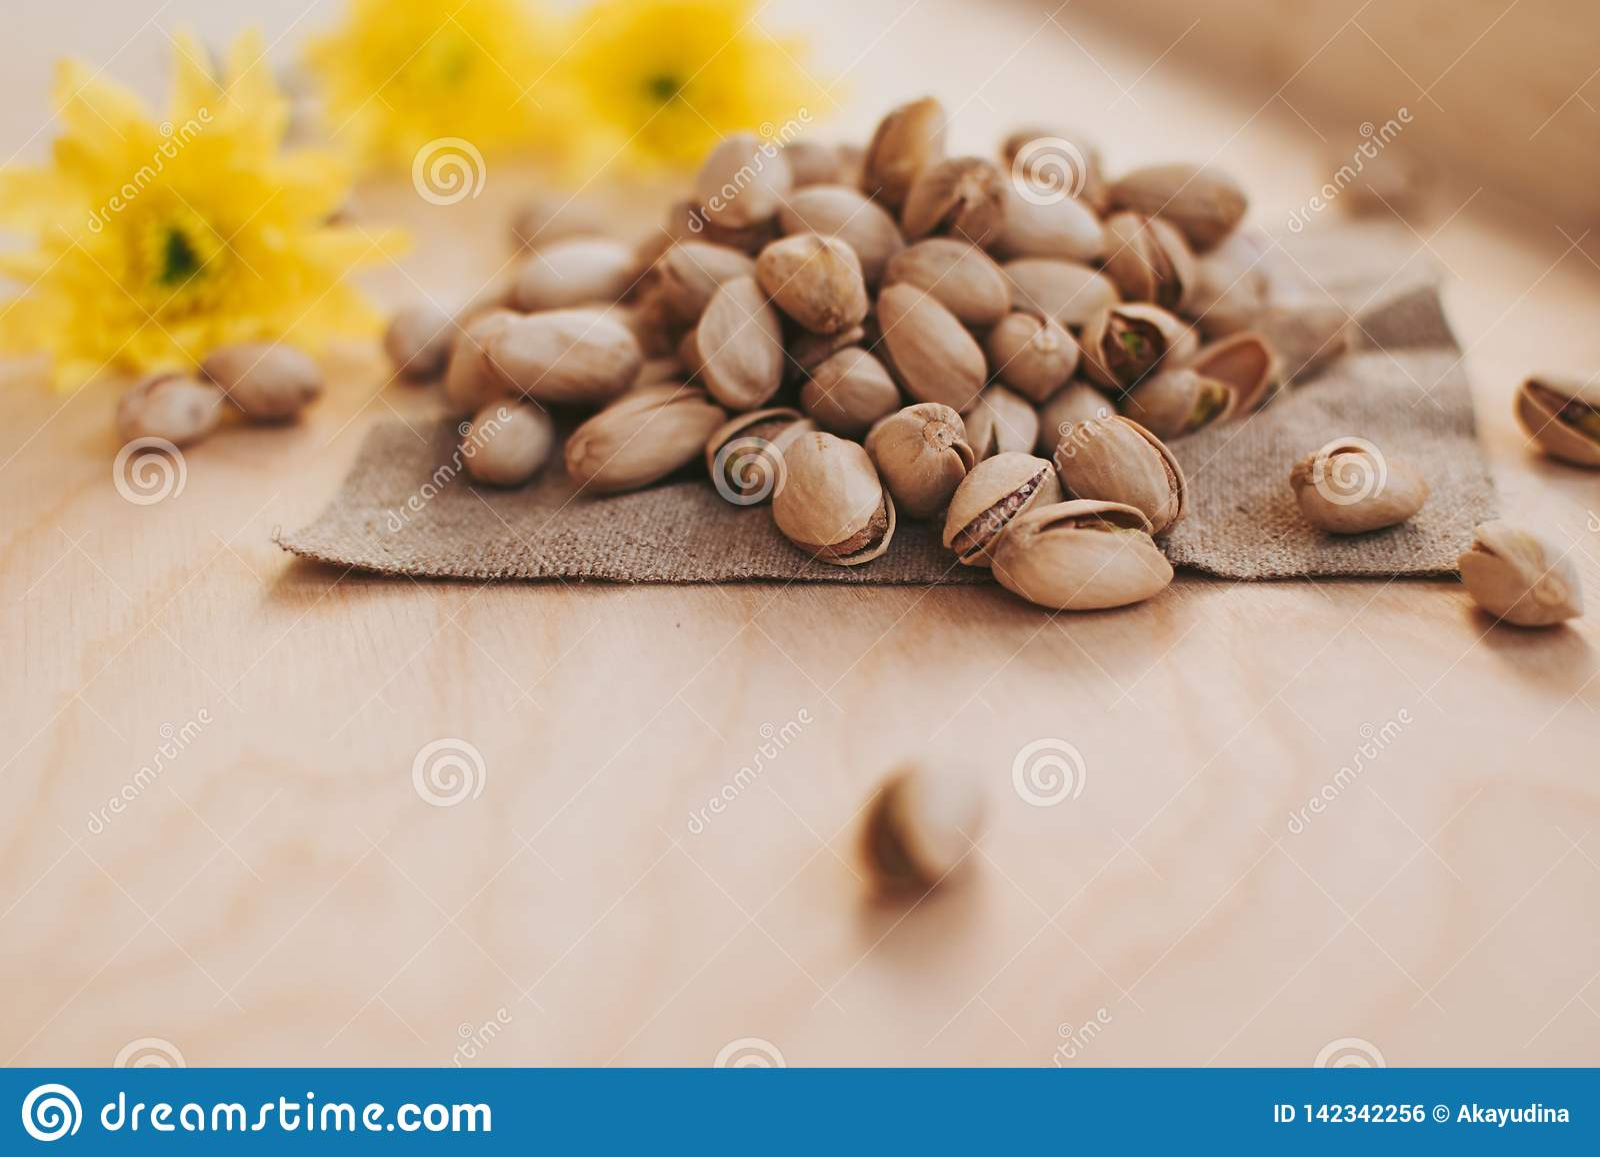 Klein handvol pistaches